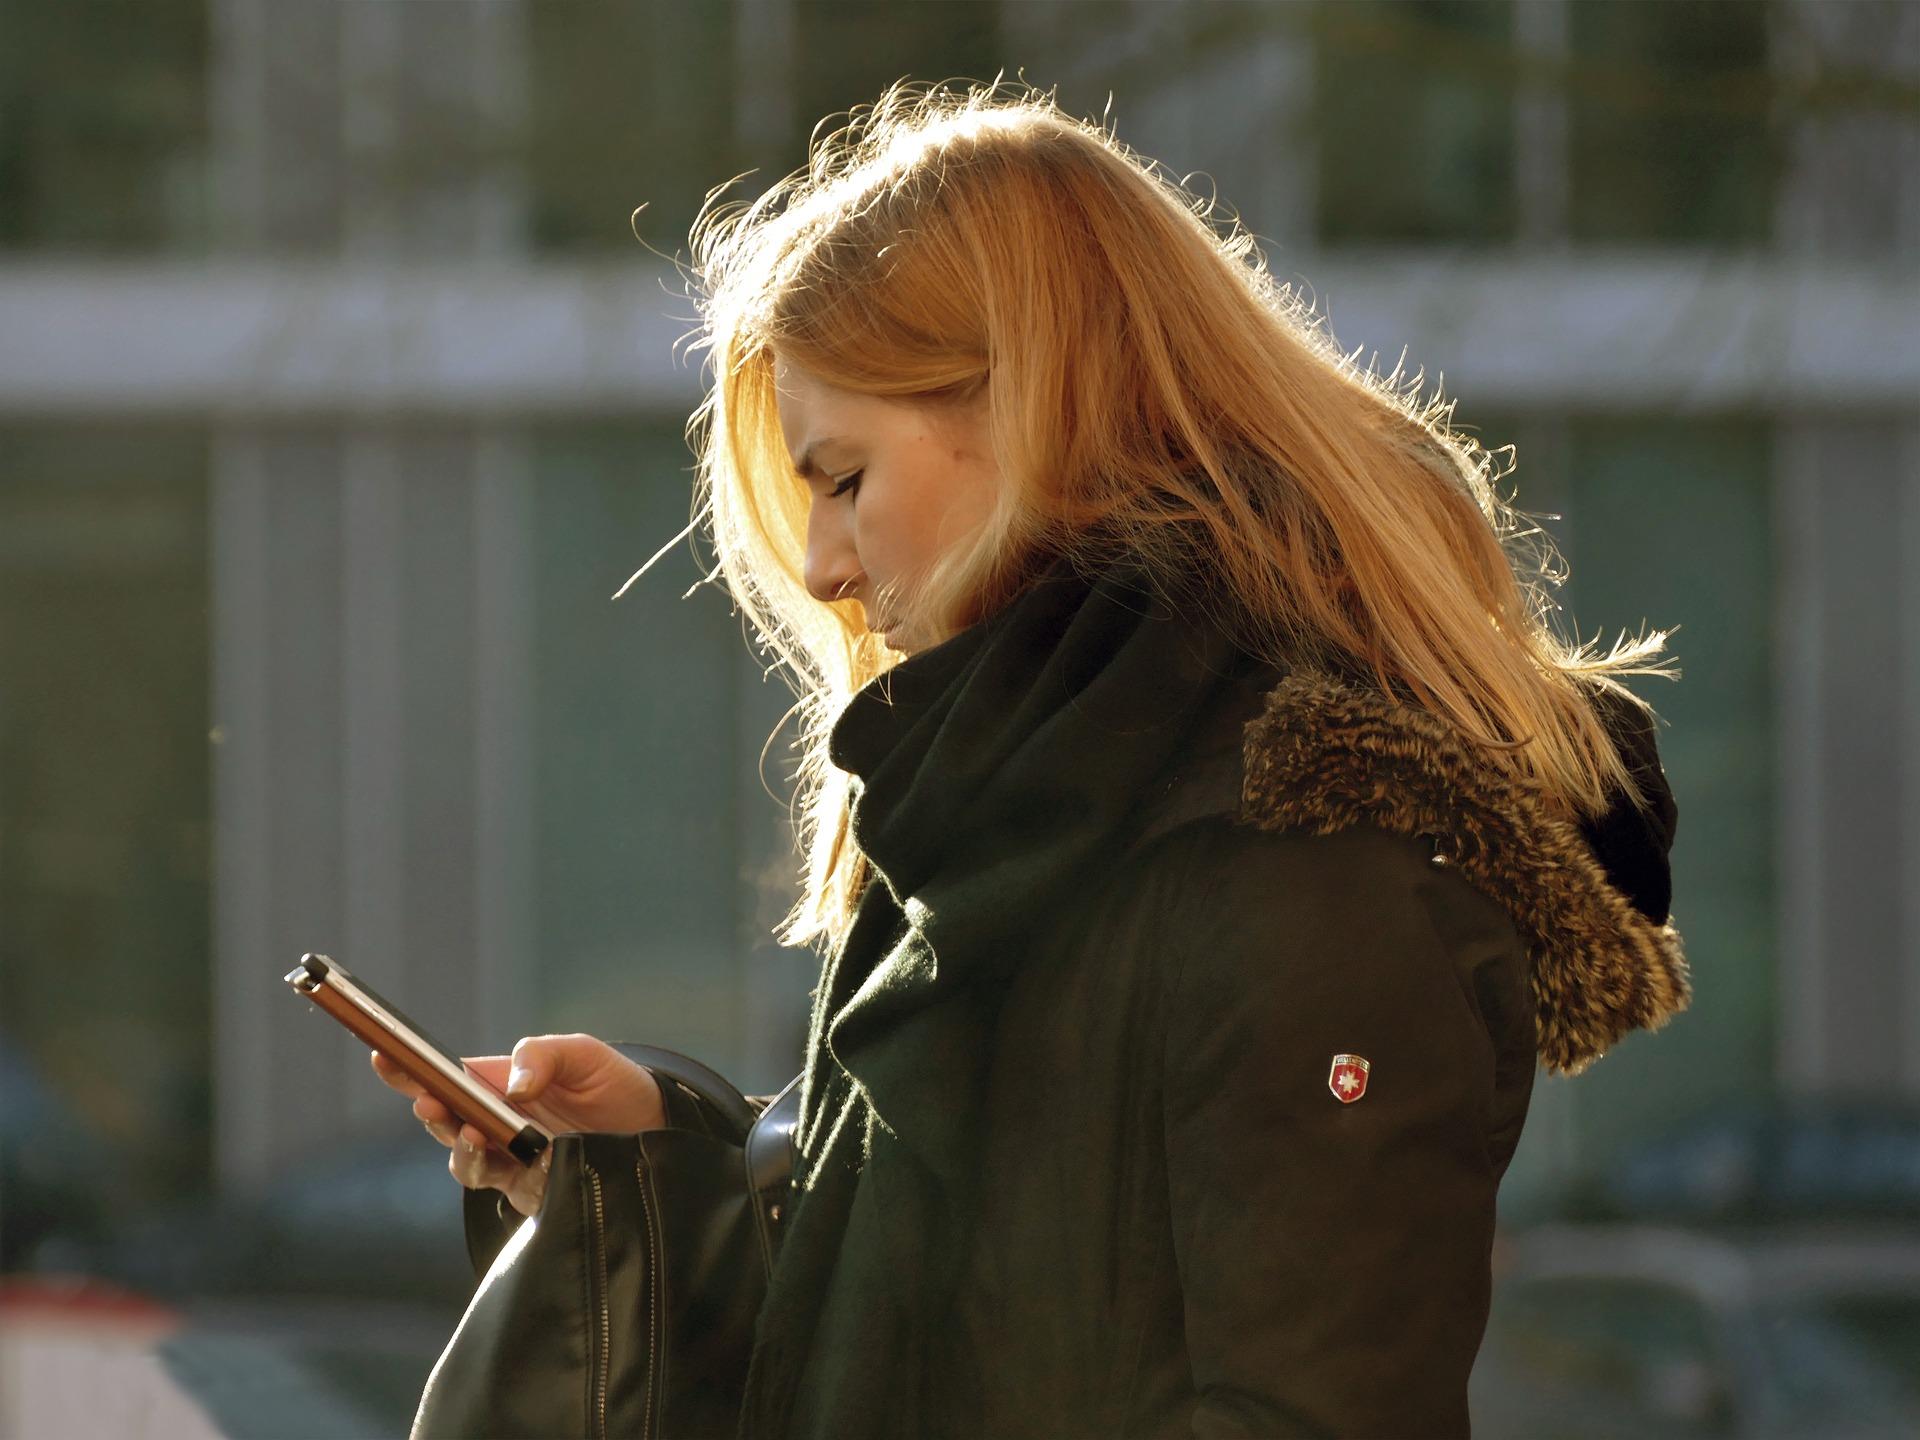 Frauen, die hormonfrei verhüten möchten, kommen an Zyklus-Apps kaum noch vorbei.